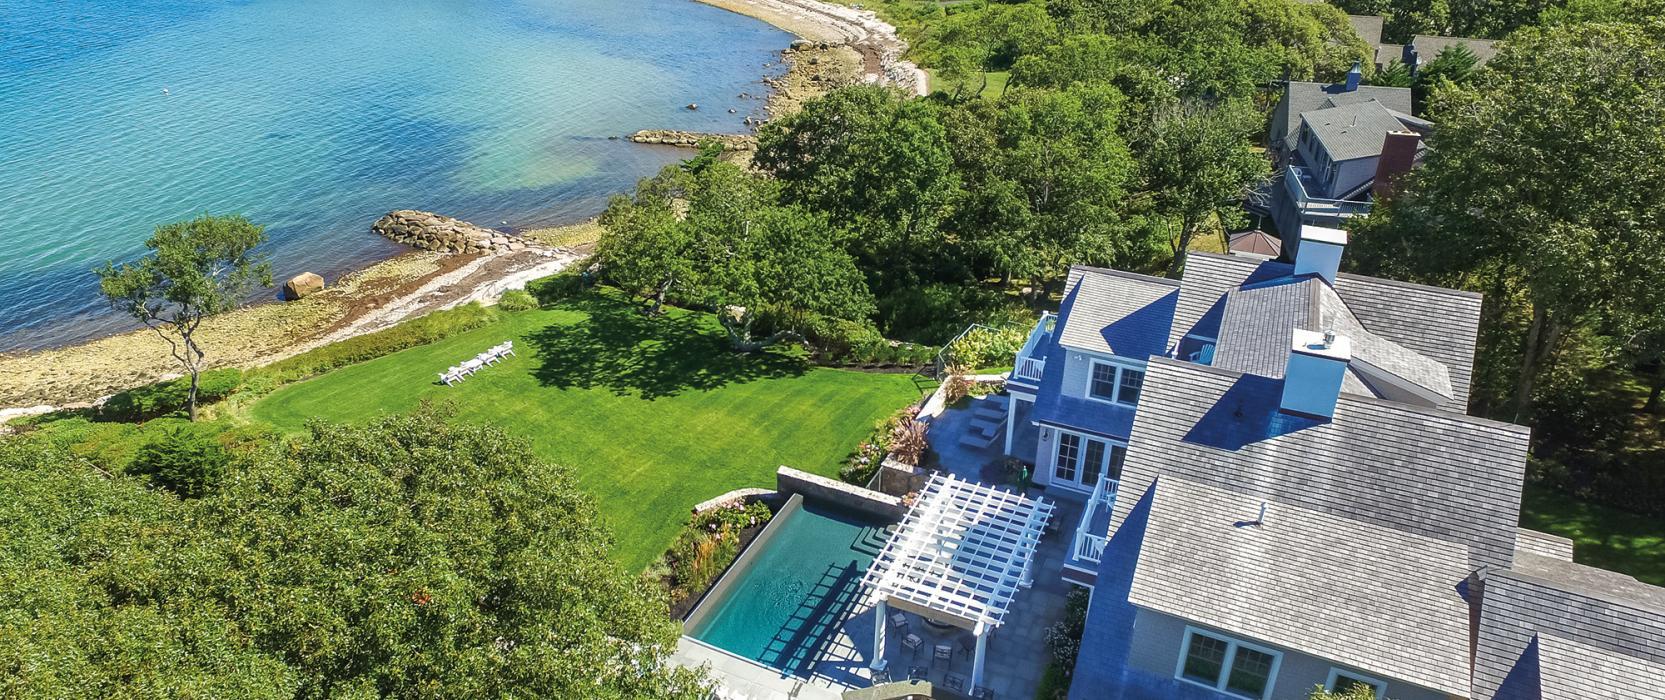 Falmouth Cape Cod beautiful homes